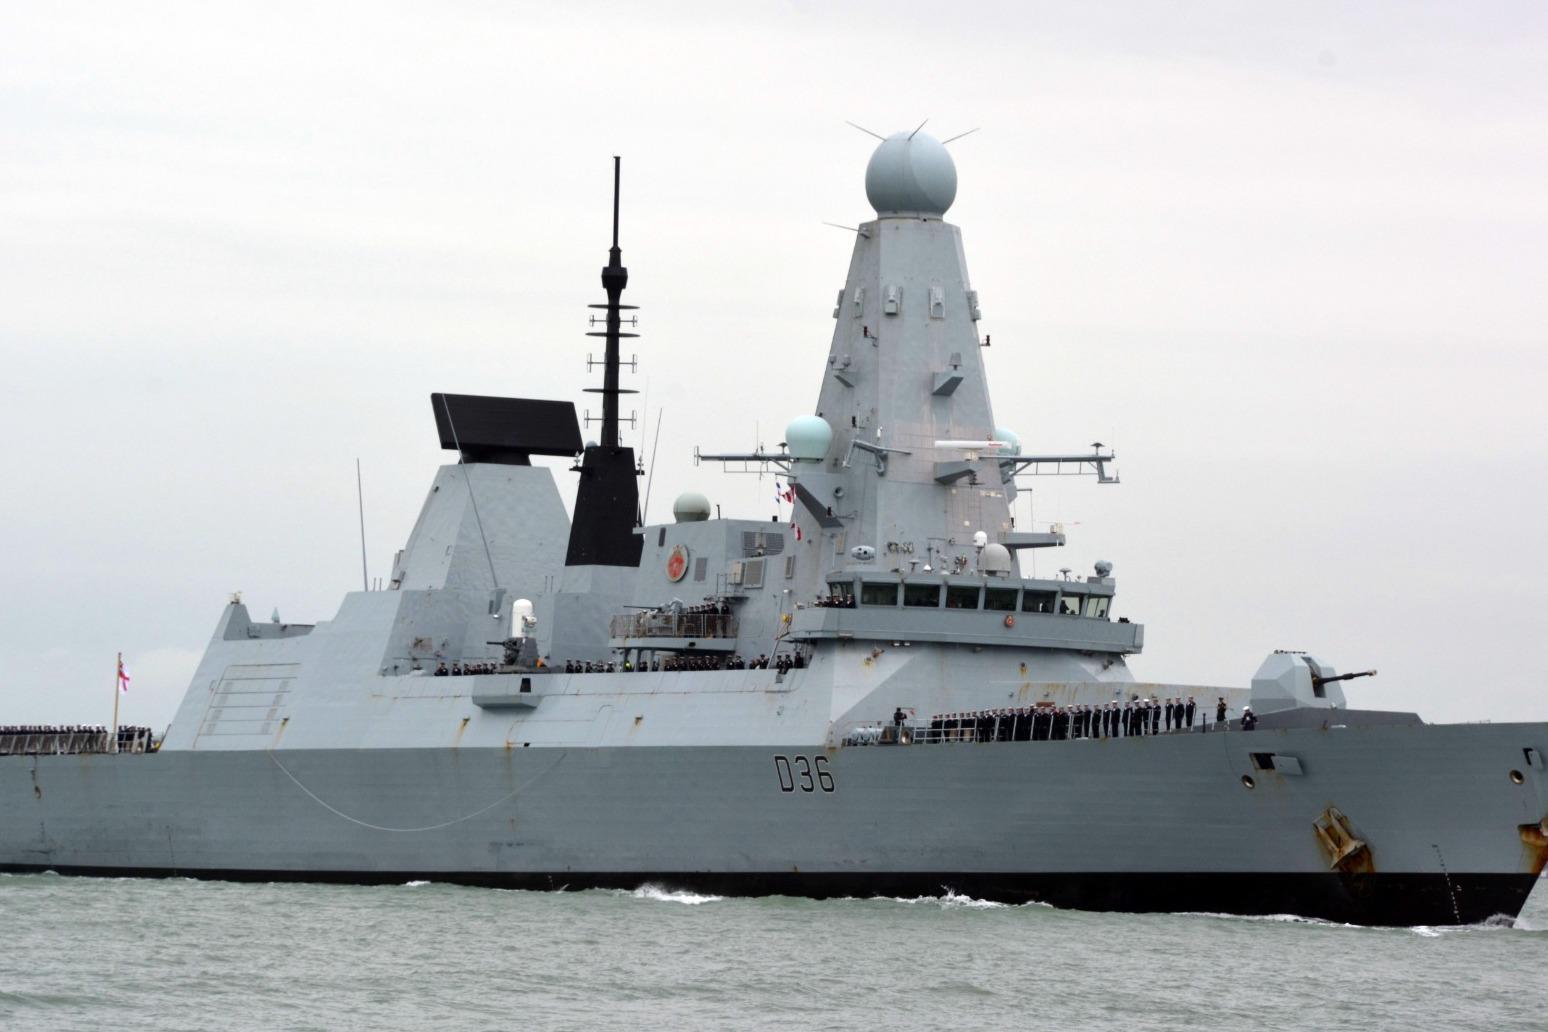 UK denies Russians fired warning shots at Royal Navy warship